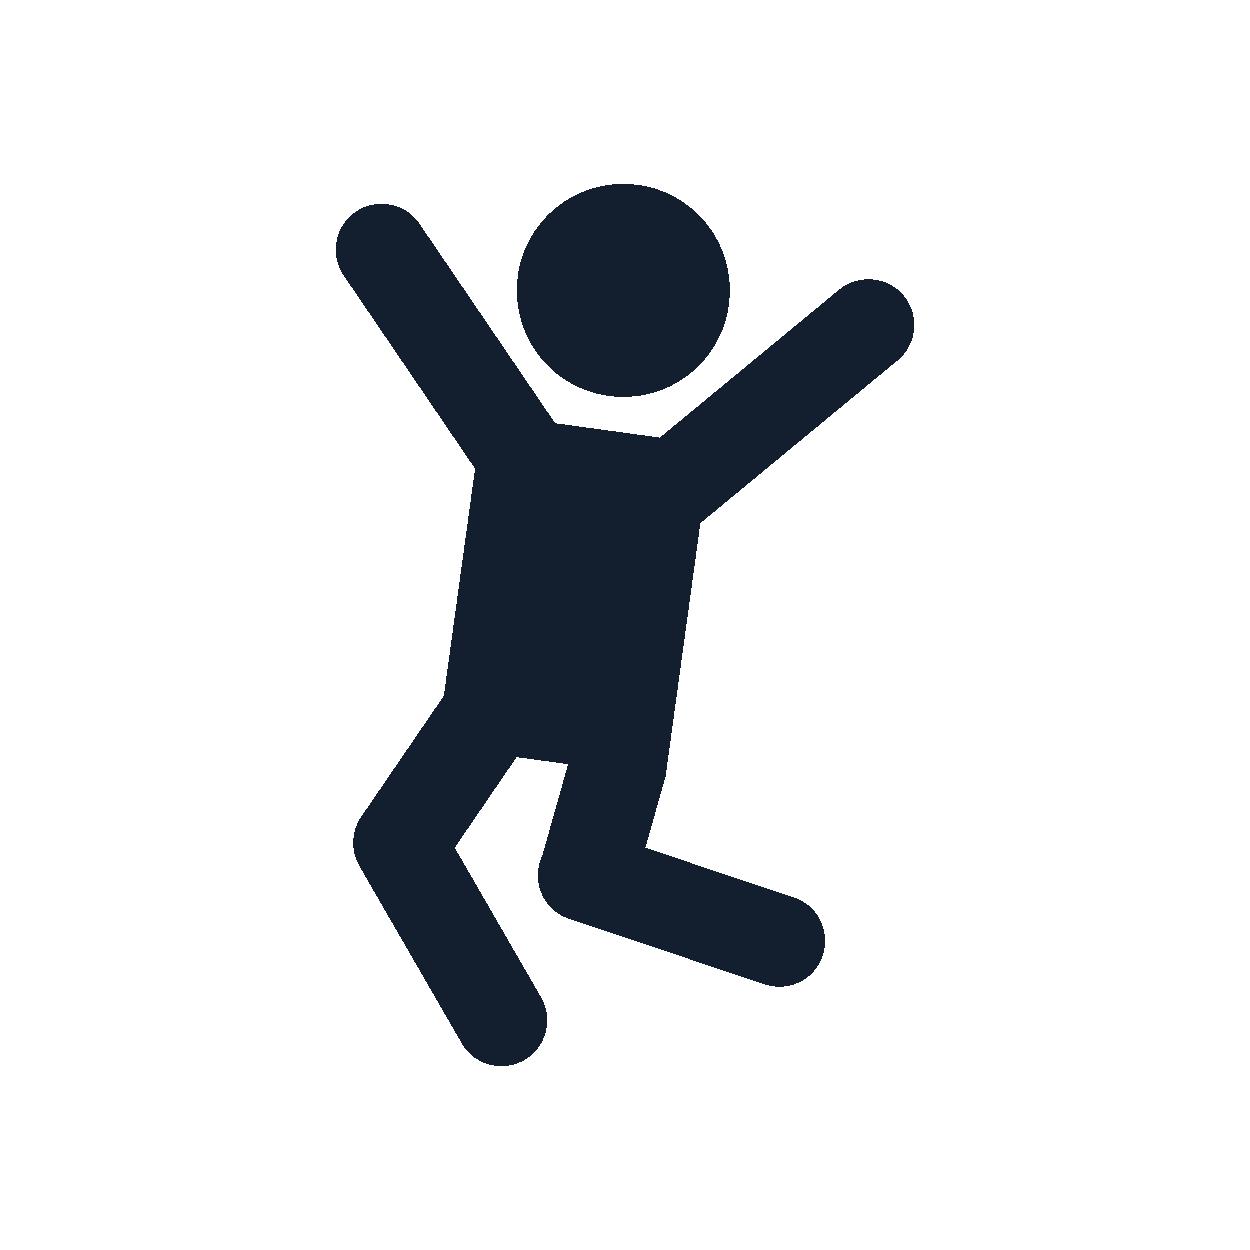 Icônes valeurs bleus_Plan de travail 1